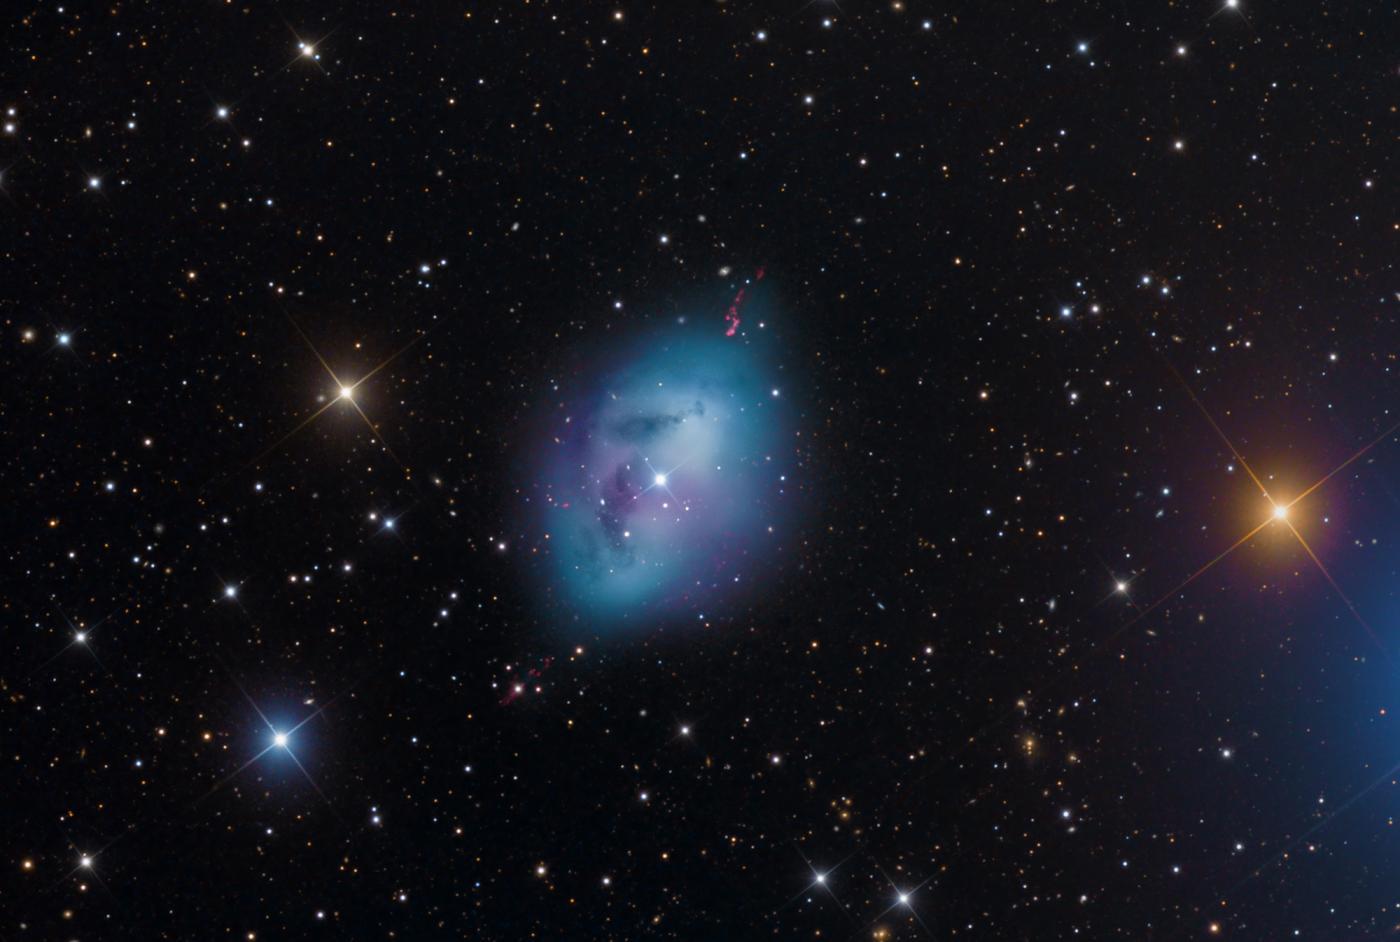 An image showing 'NGC 1360 Planetary Nebula — Robin's Egg'